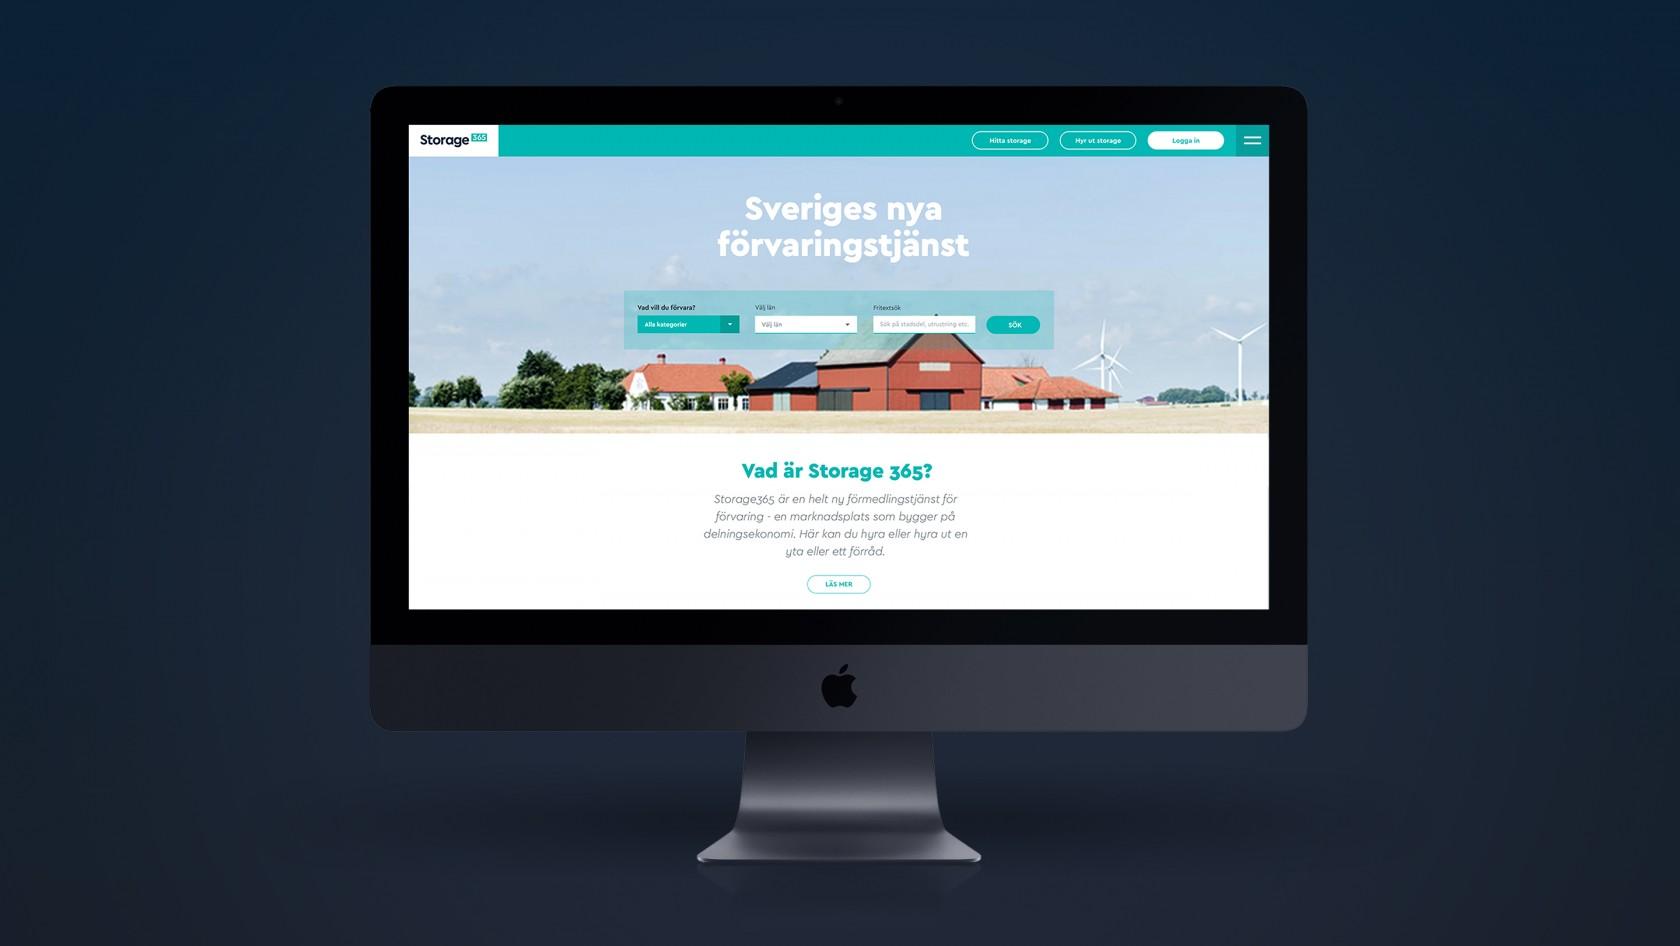 Startsidan för webbtjänsten Storage 365 där Phosworks har byggt plattform, gjort varumärkesdesign och webbdesign.